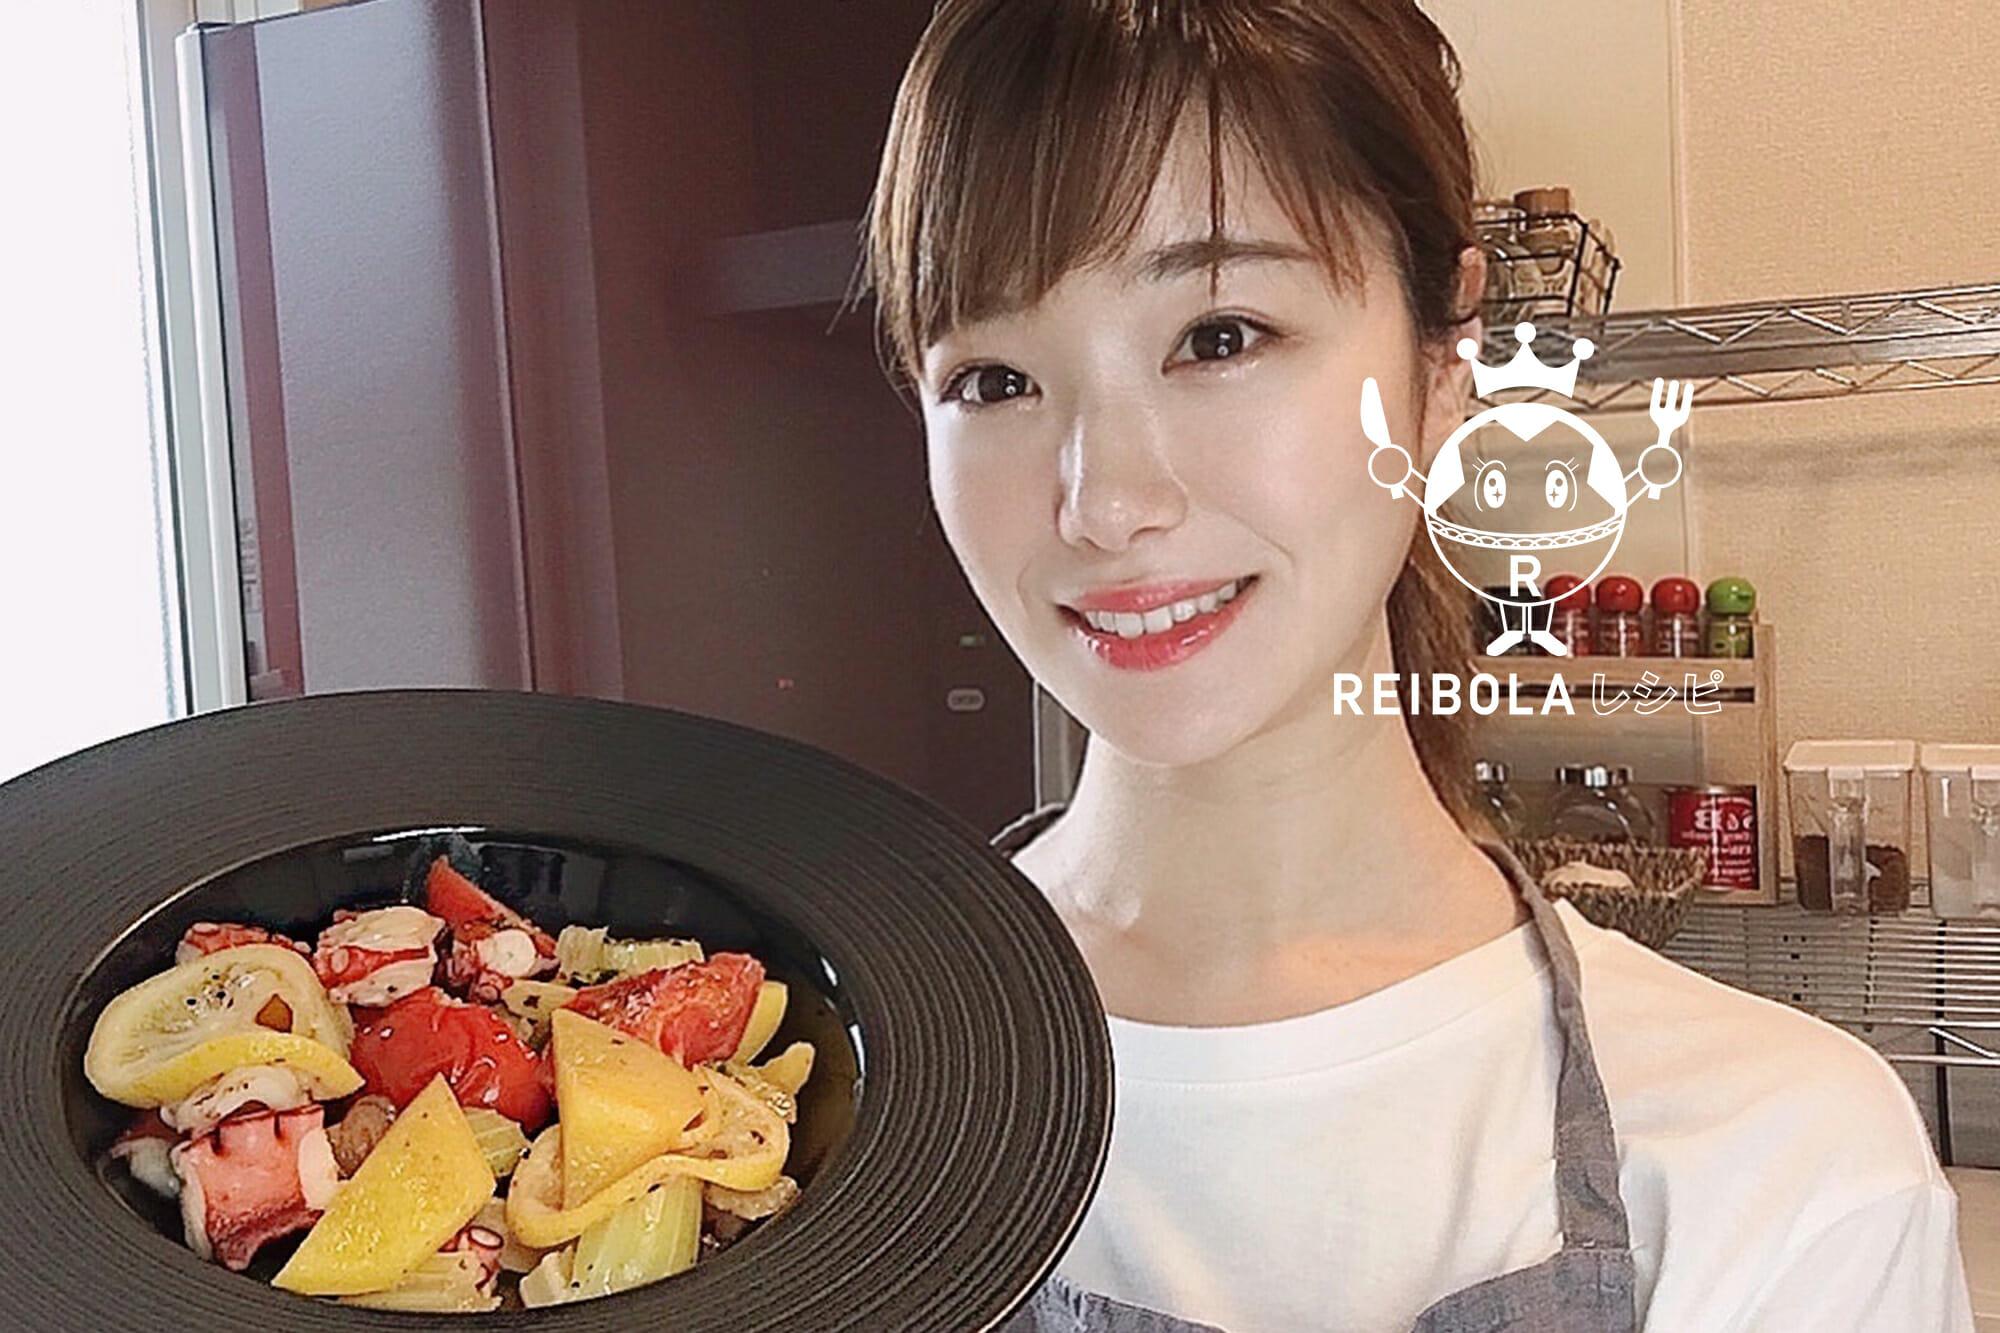 タコと夏野菜のガーリックレモン炒め/栄養士 丹羽真梨菜